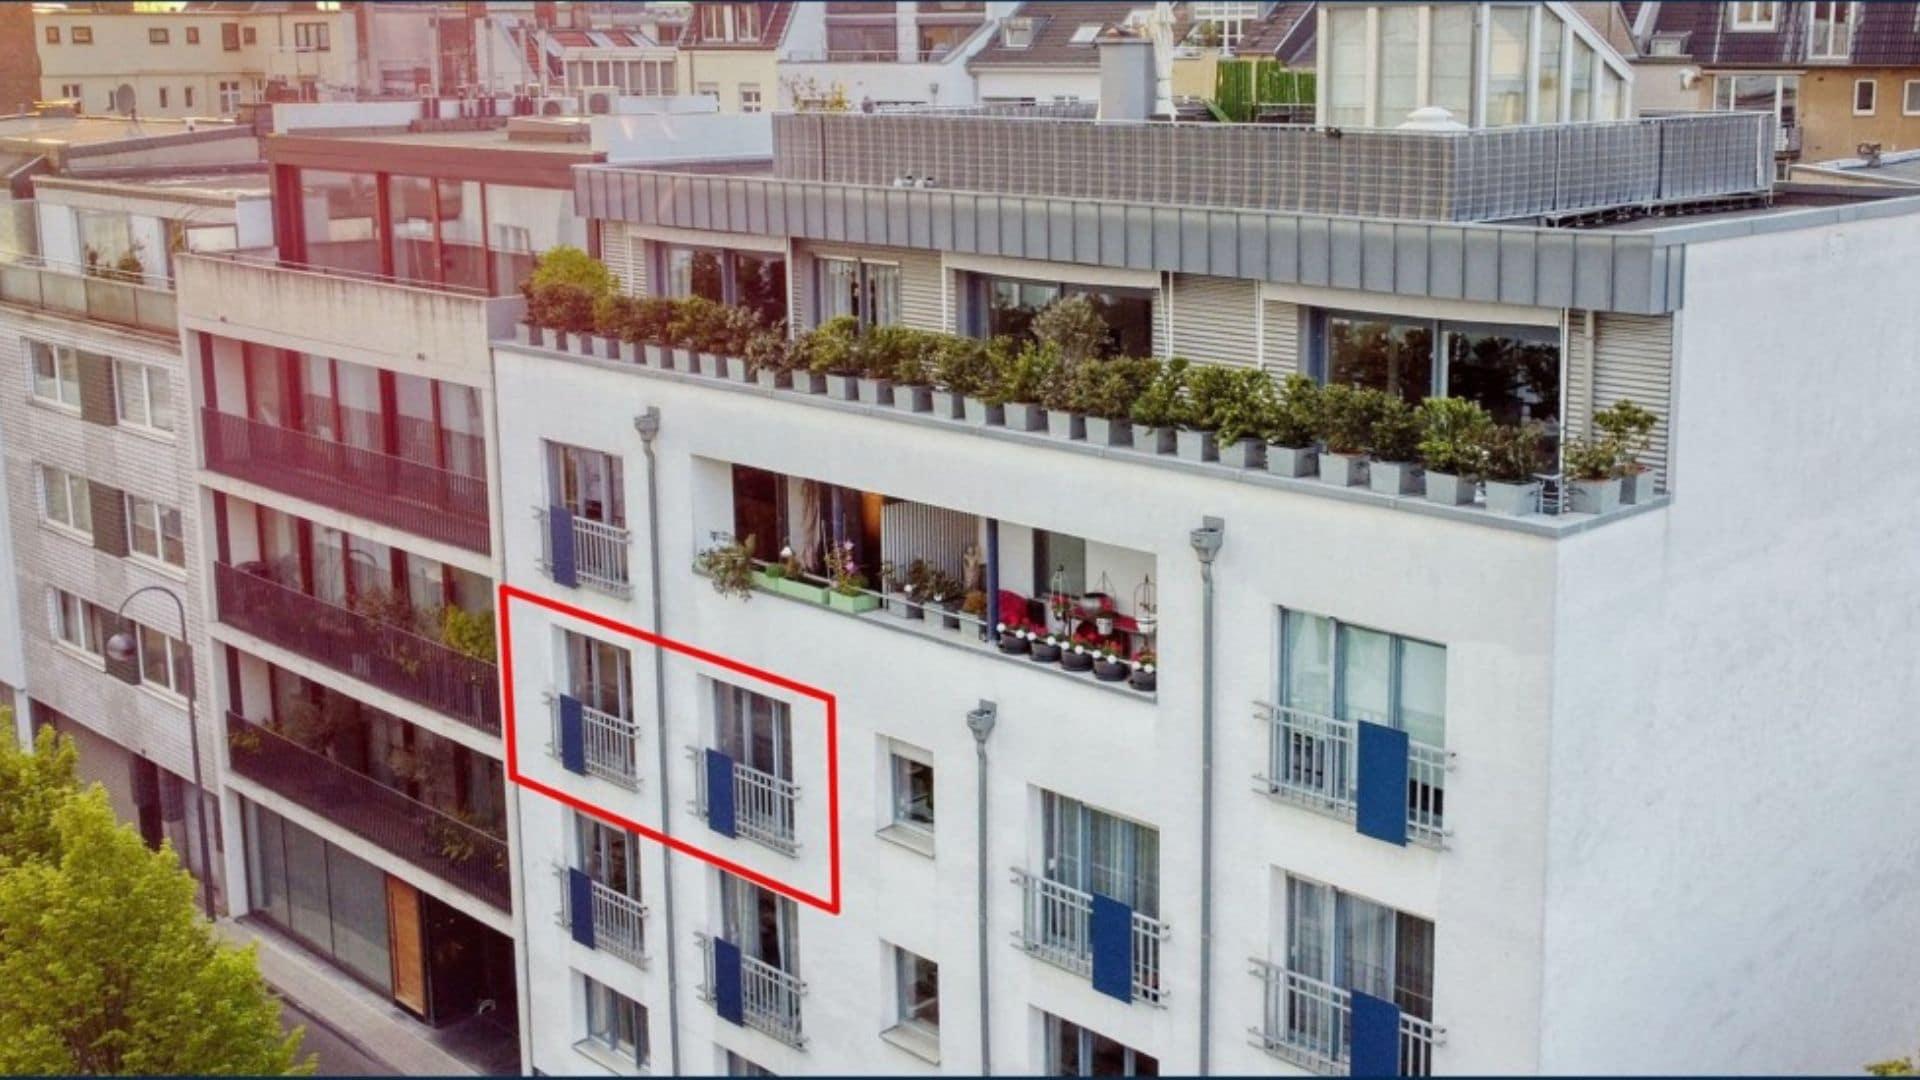 Mitten im Szeneviertel - moderne 2-Zimmer-Wohnung als attraktive Kapitalanlage